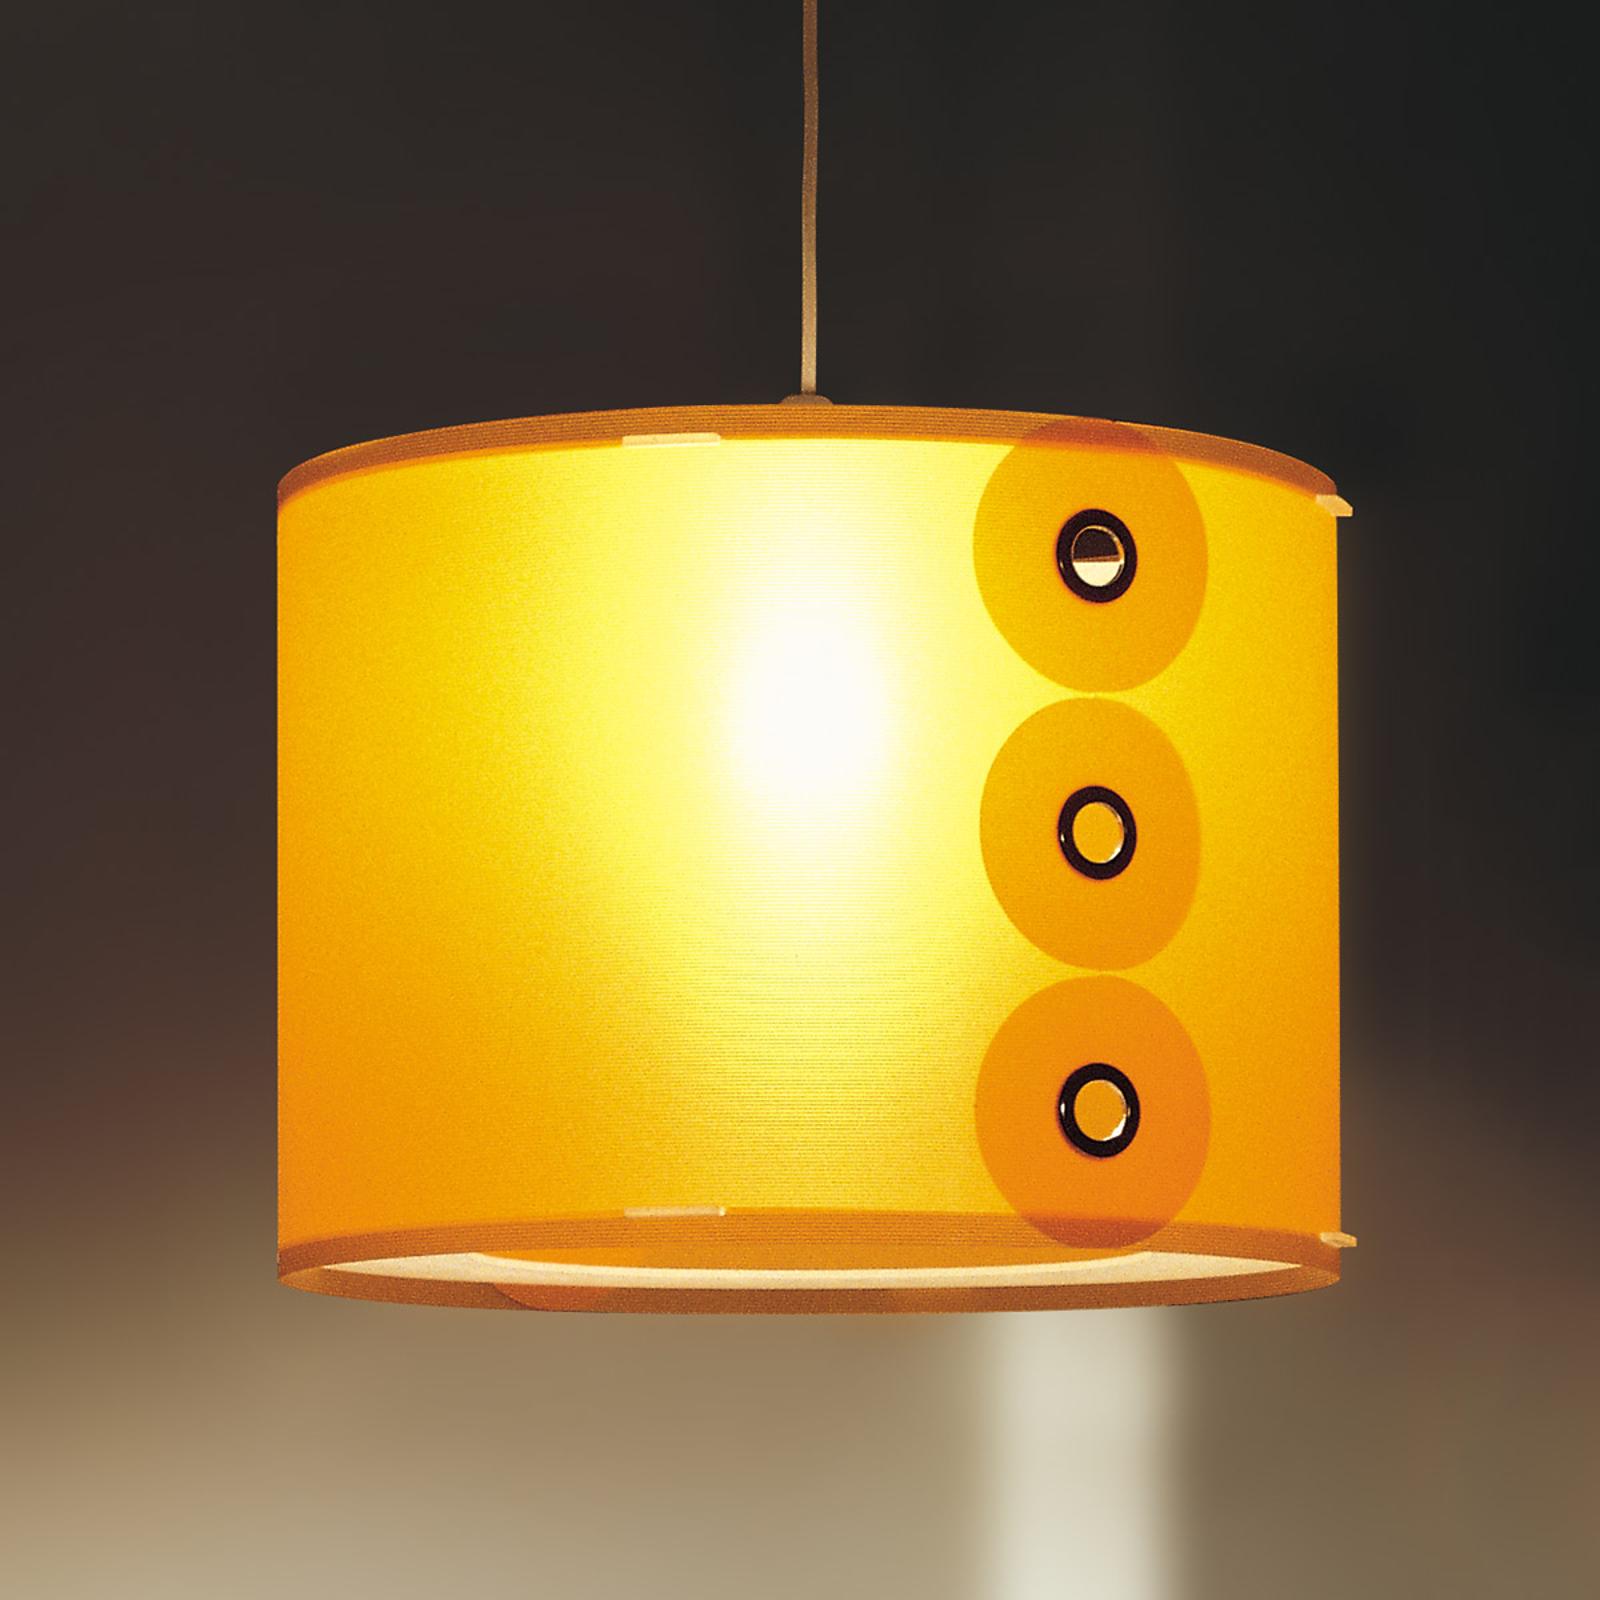 Oranžová závesná lampa Rotho_1056088_1